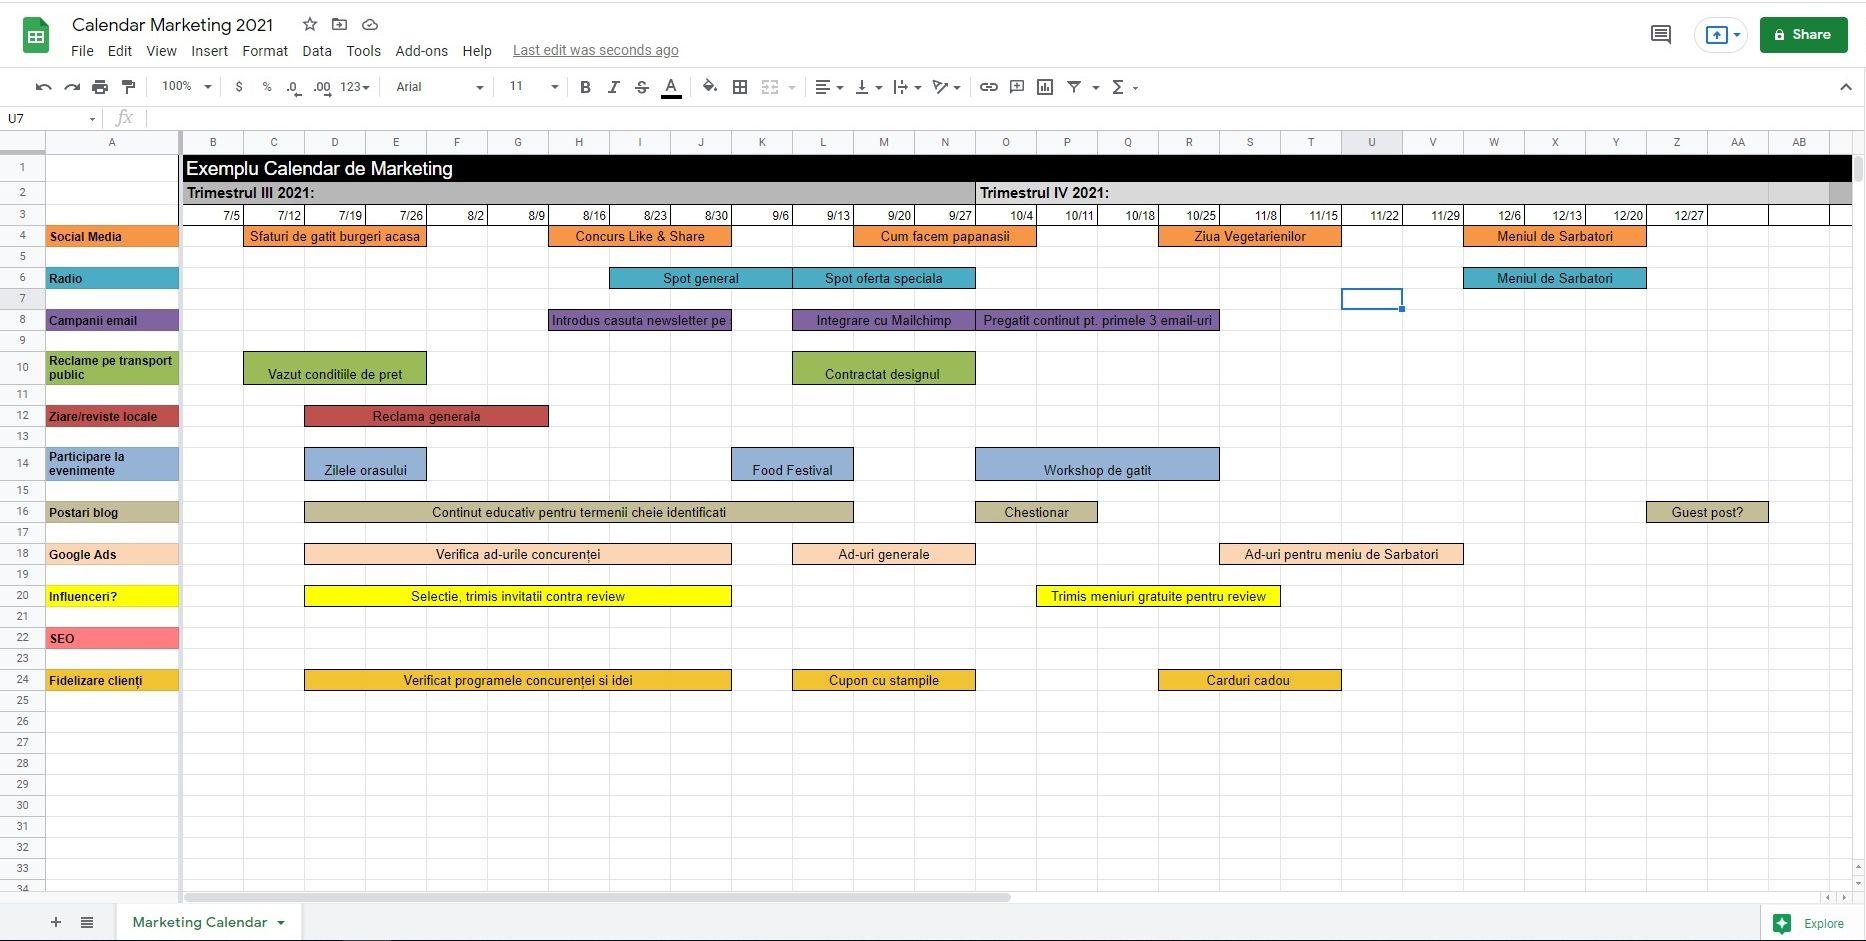 template calendar de marketing, plan marketing restaurante